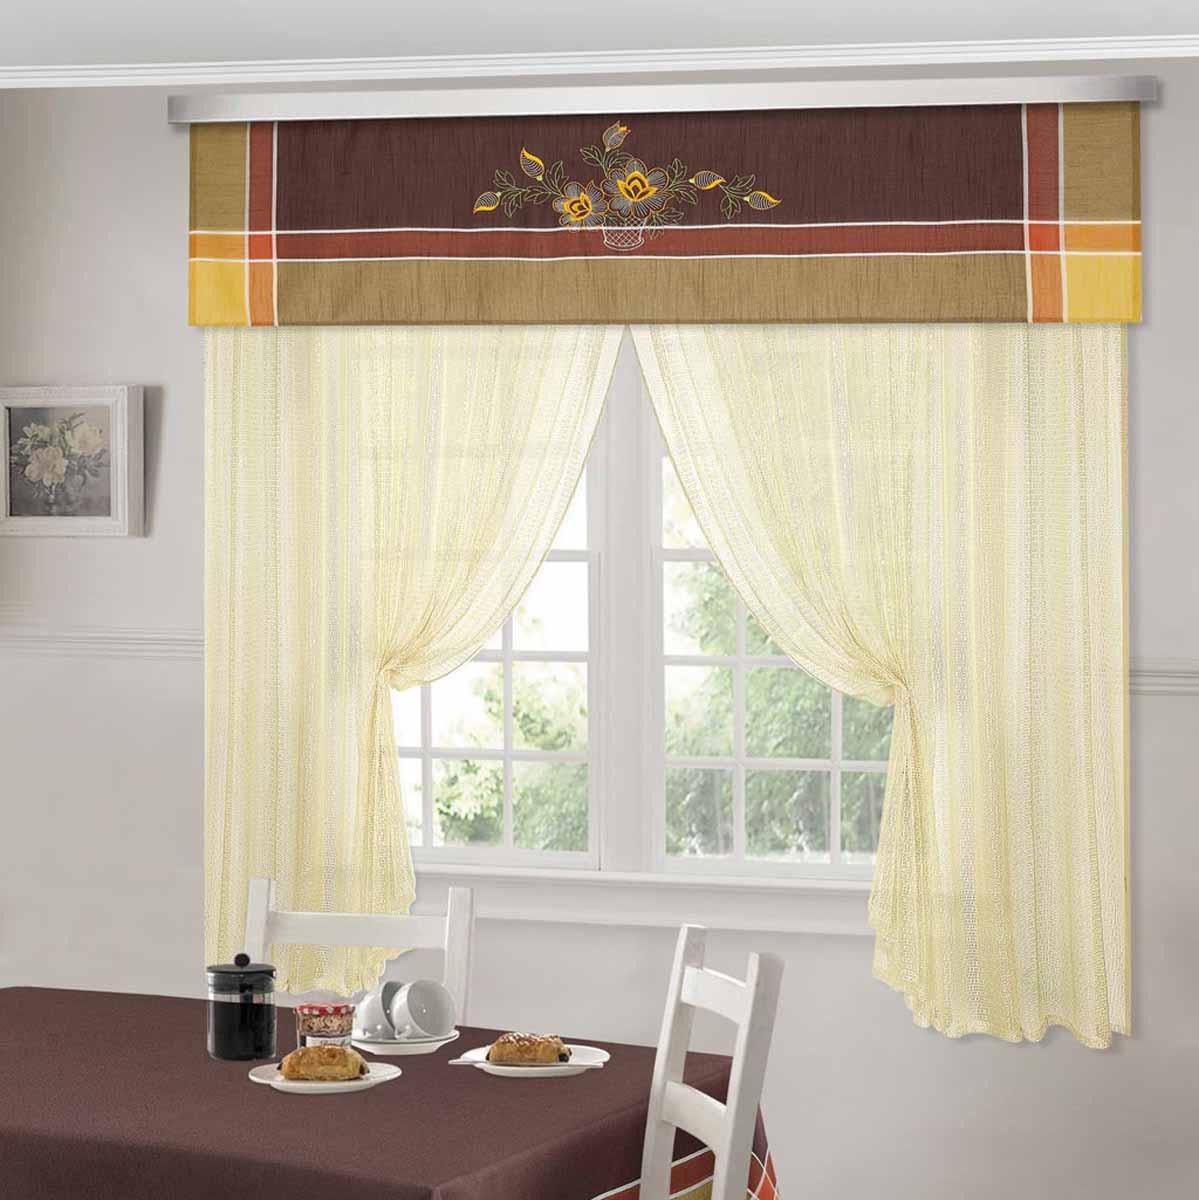 Комплект штор ТД Текстиль Шик, на ленте, цвет: венге, высота 180 см. 92527CLP446Шторы выполнены из искусственной ткани под лен. Цвета в ассортименте. В наличии присутствуют скатерти из этой же ткани в двух размерах.